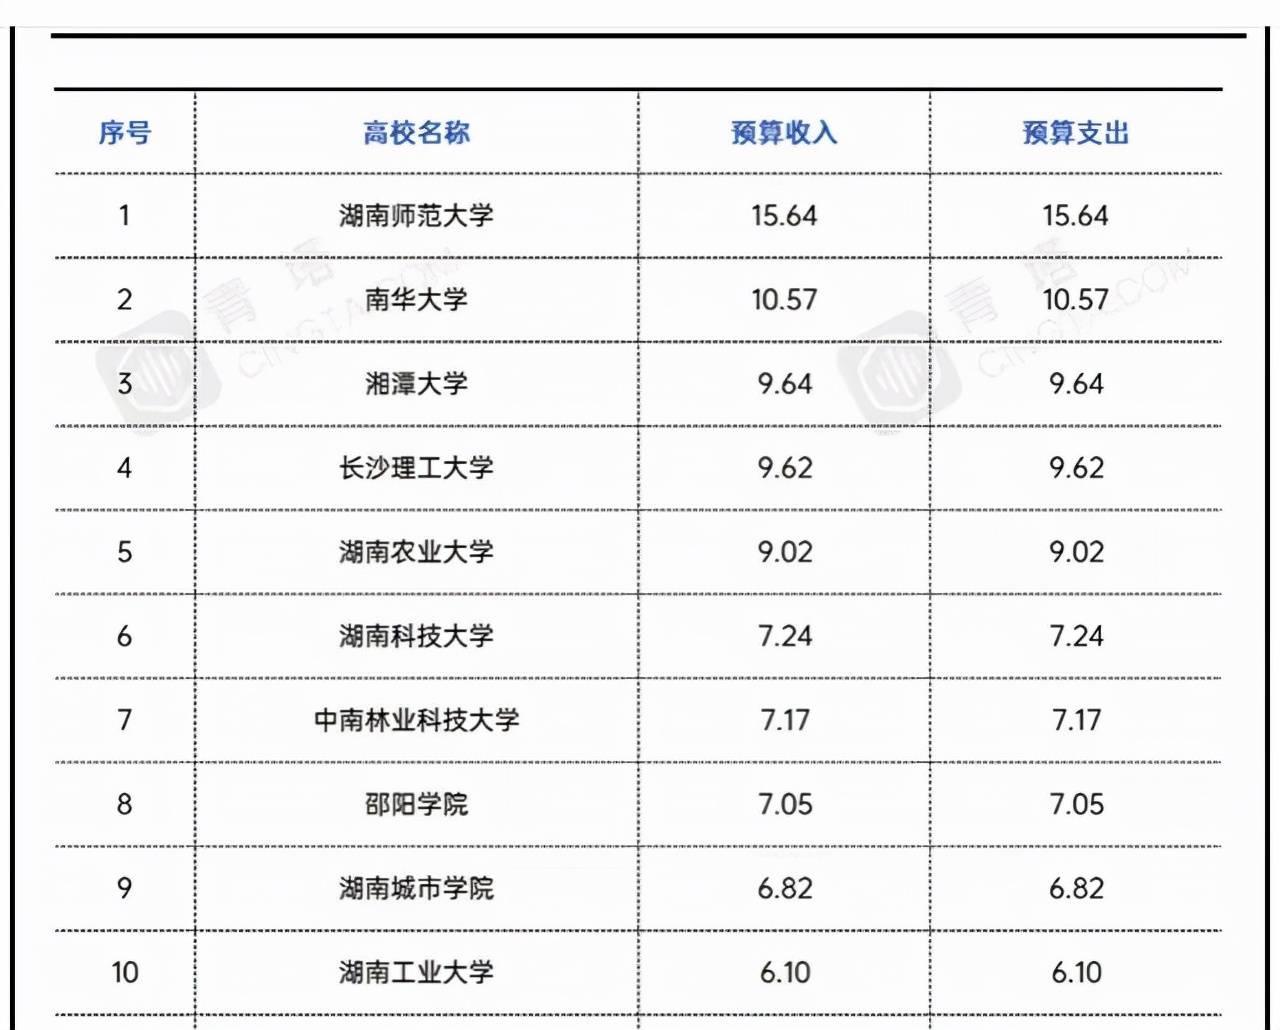 湖南省地方高校经费排名:湖师大居榜首,湘潭大学低于南华大学!